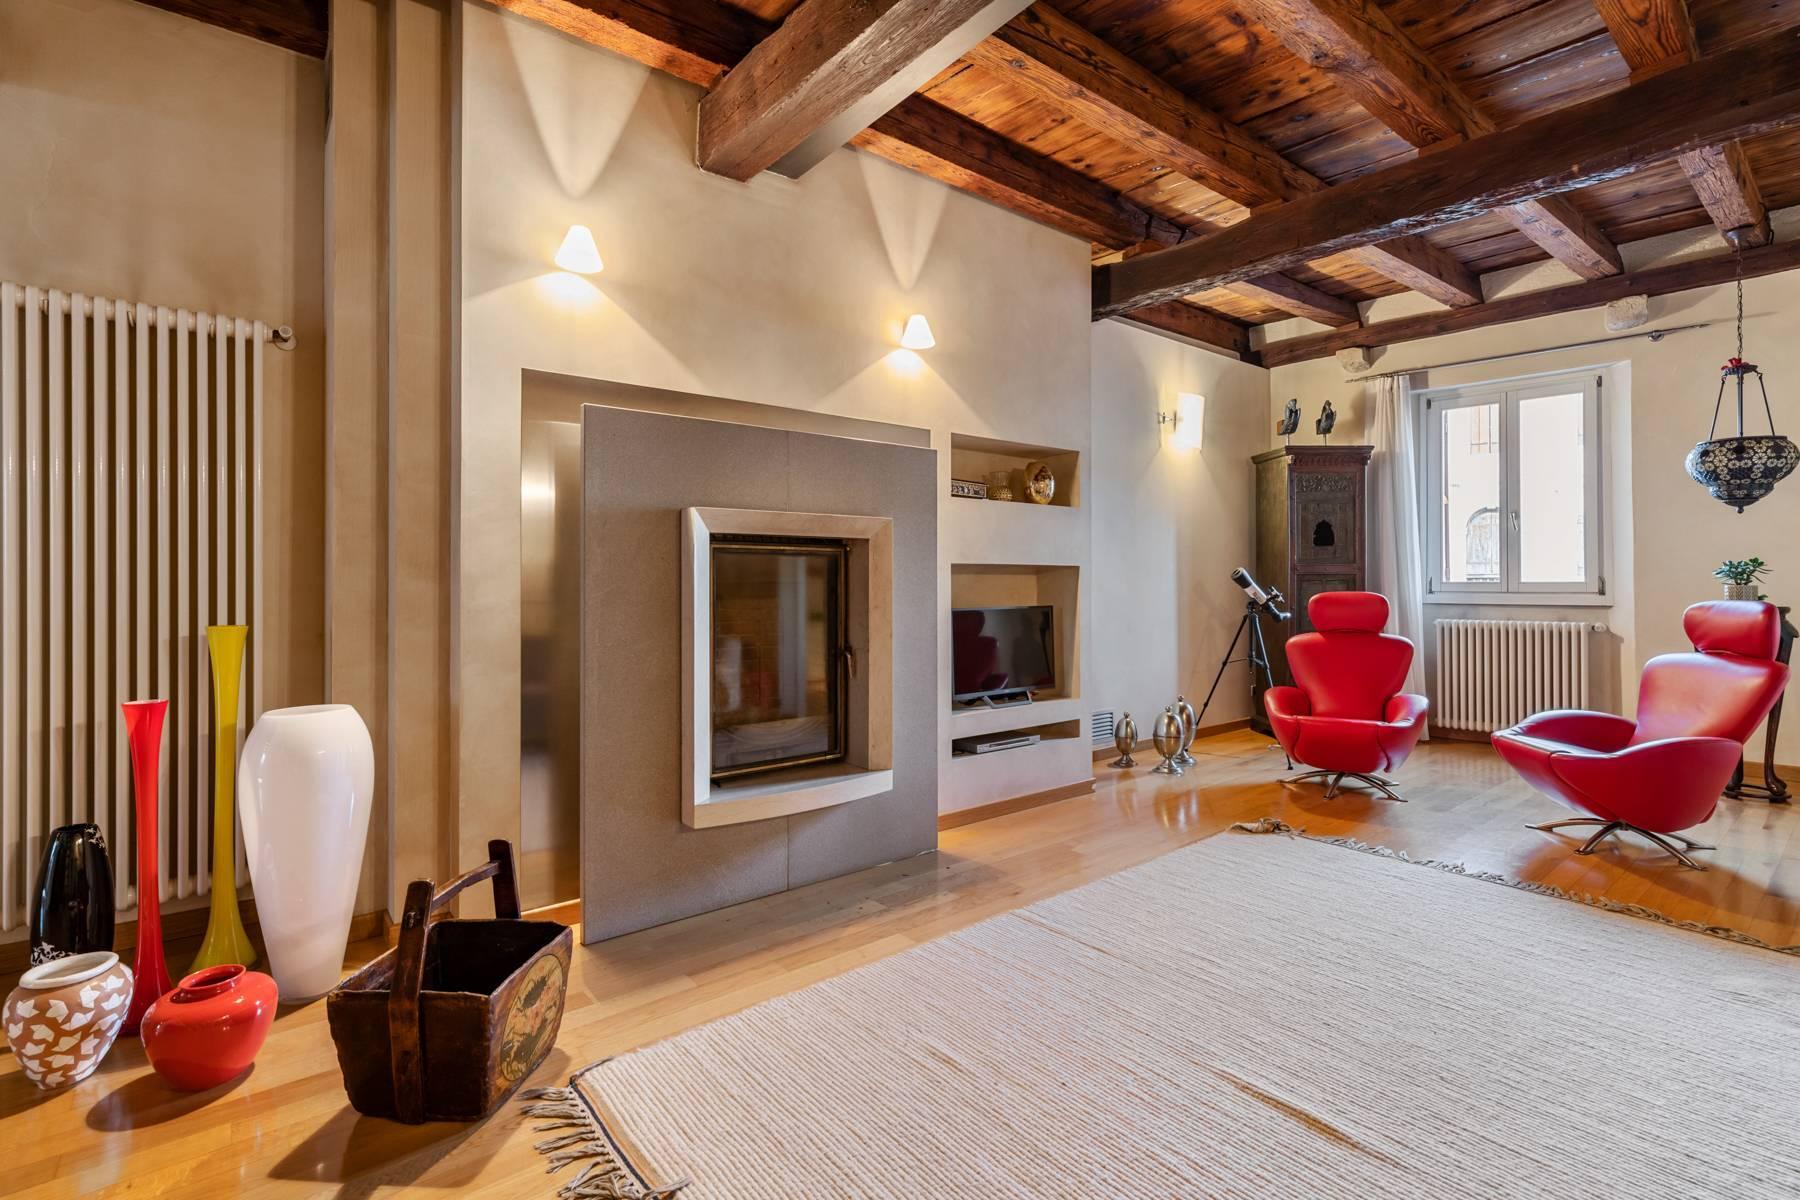 Renoviertes Gebäude aus dem 15. Jahrhundert im historischen Zentrum von Serravalle, Heimat des Malers Antonello Da Serravalle - 5